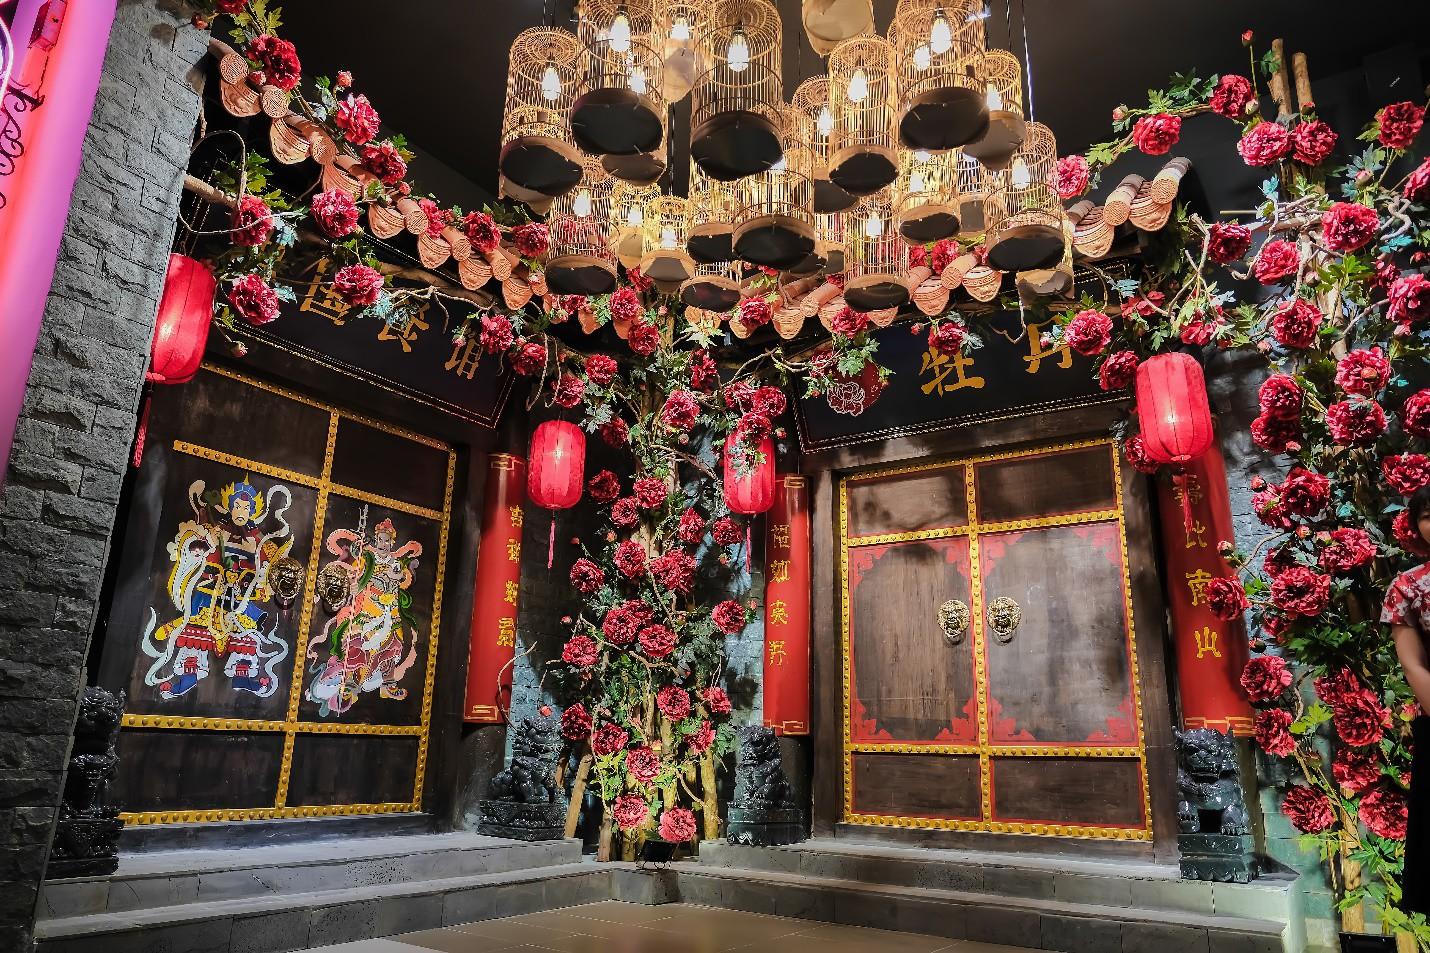 Đà Nẵng xuất hiện nhà hàng đẹp như phim cổ trang Trung Quốc bạn đã checkin chưa? - Ảnh 1.